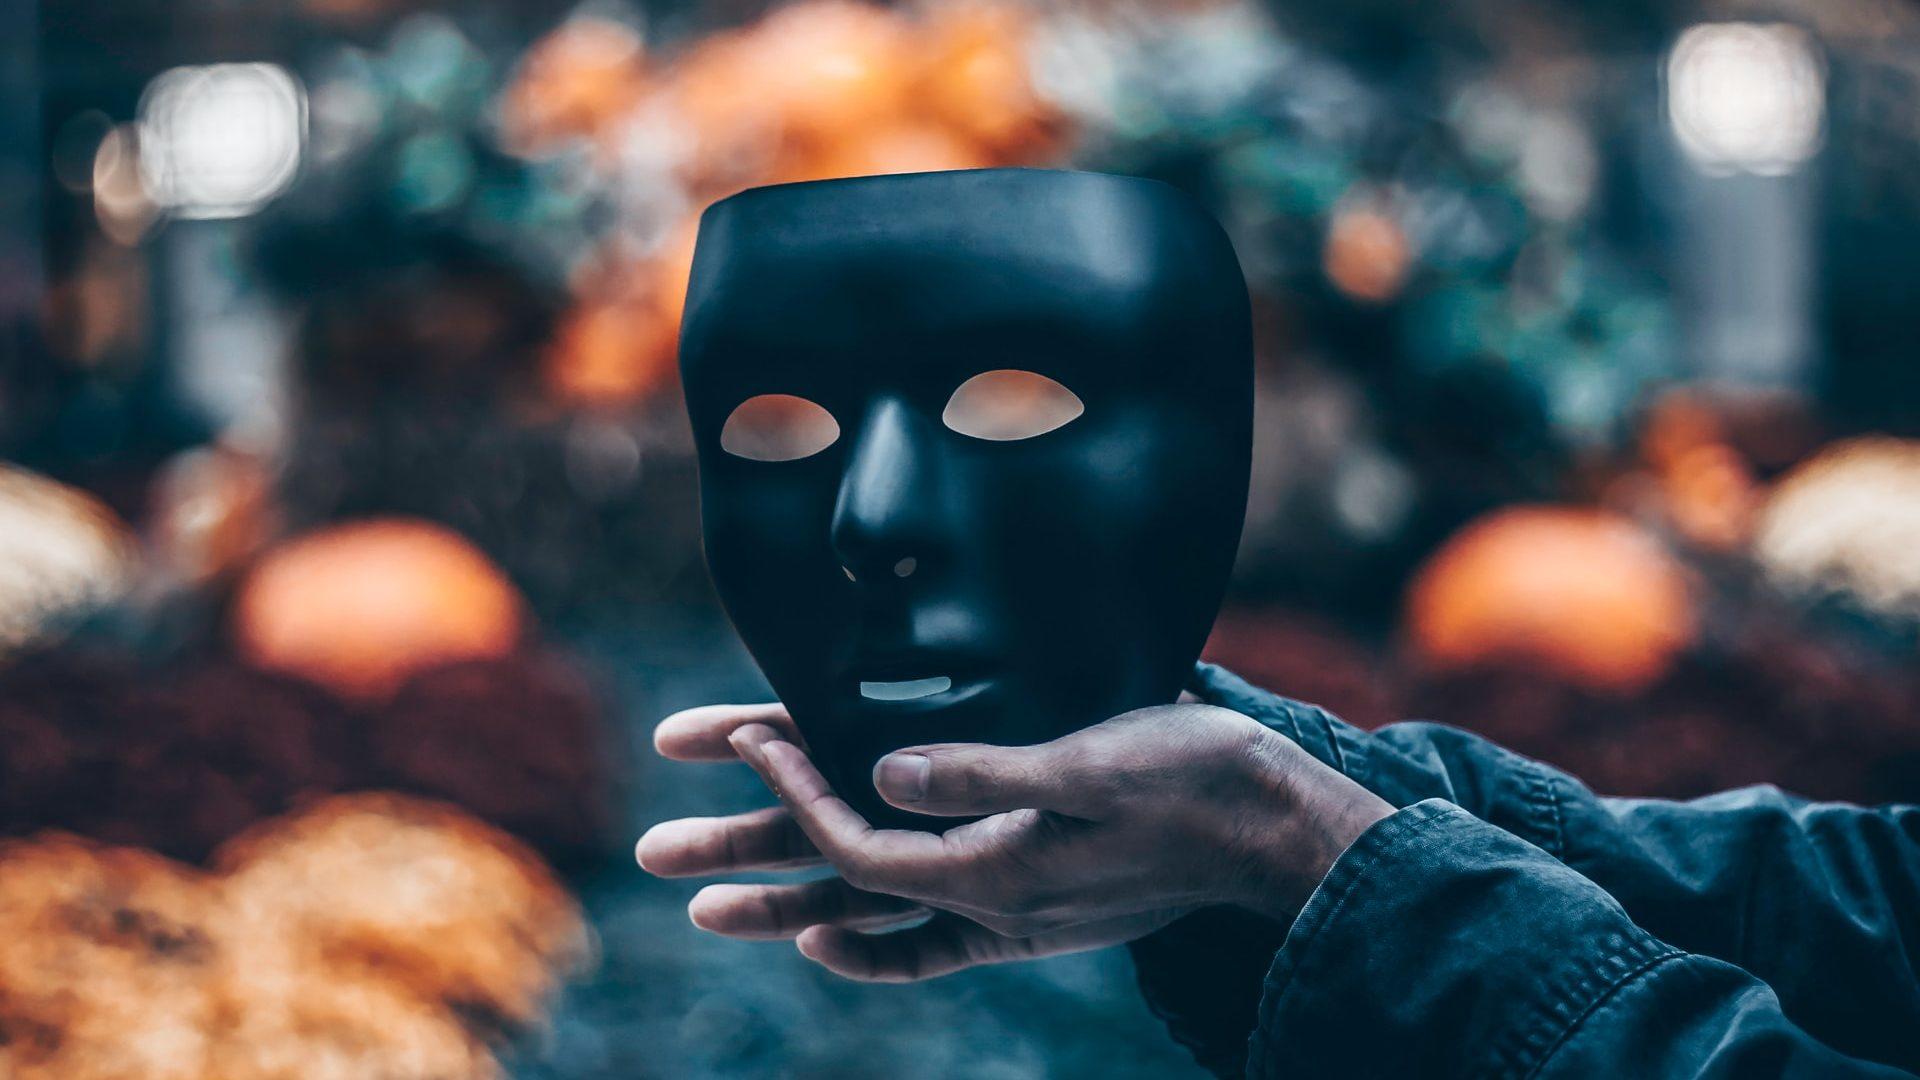 « Supprimons le contrôle d'identité ! » Gaspard Koenig